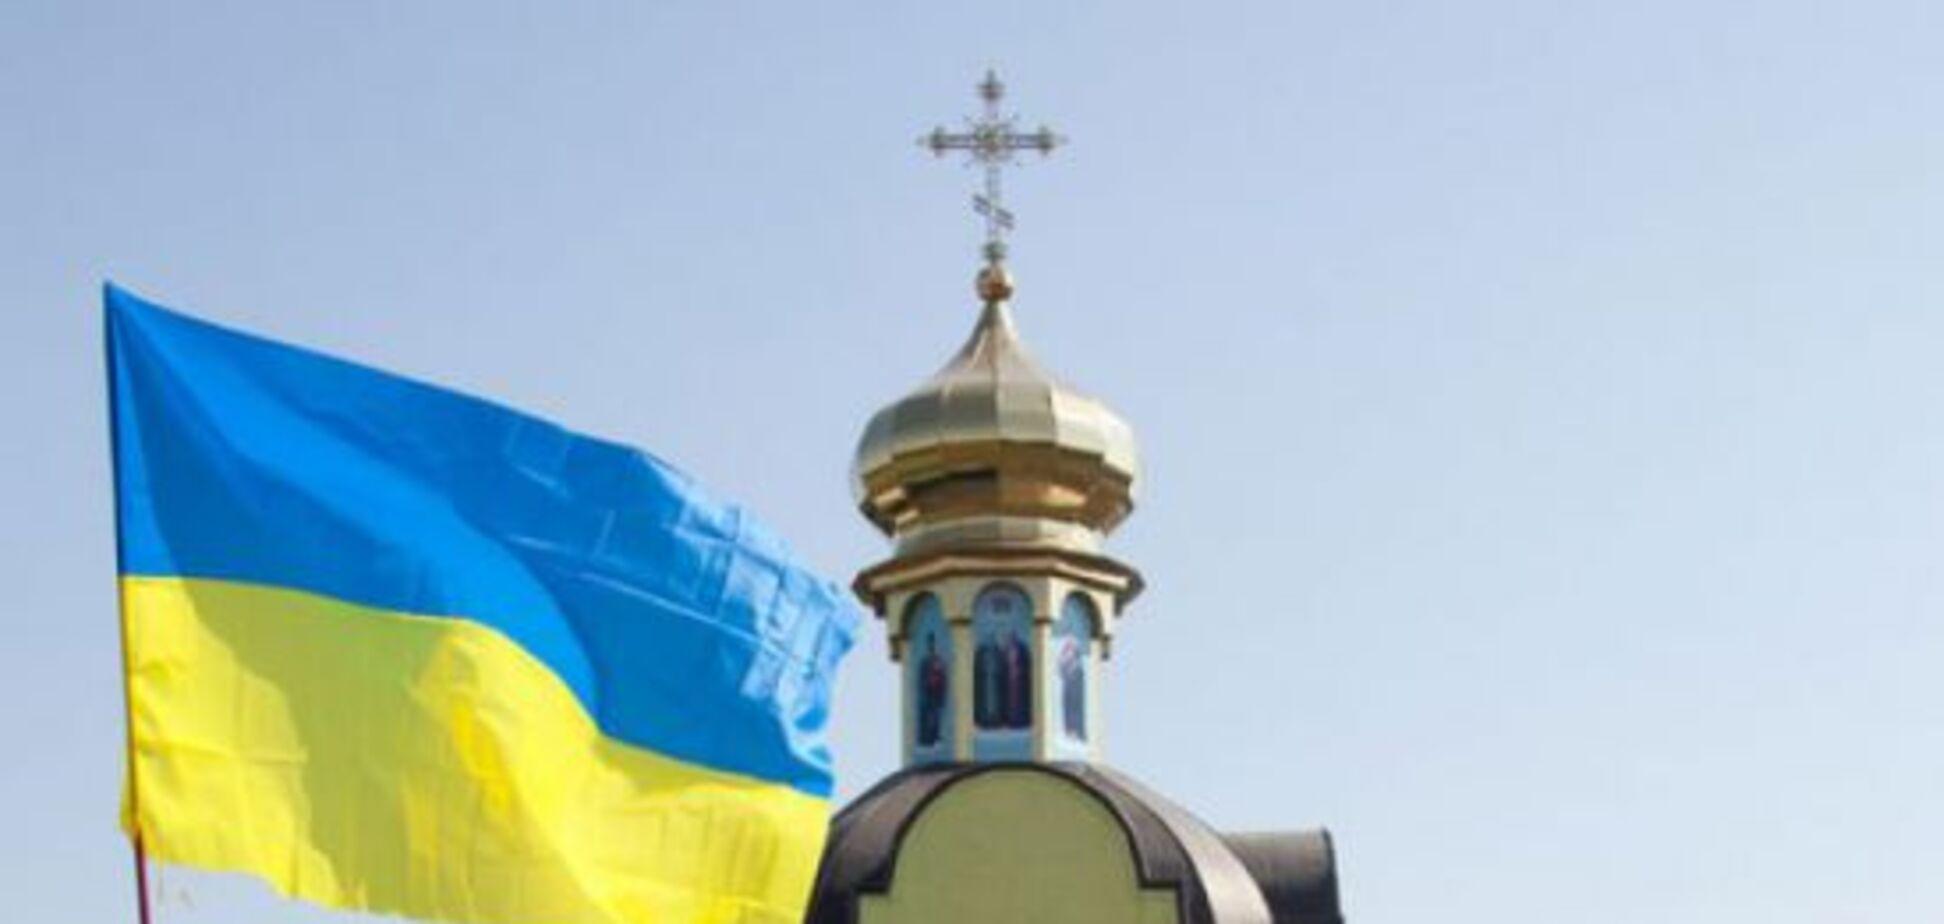 Объединение началось: когда украинская церковь станет независимой и какие подножки ставит РФ